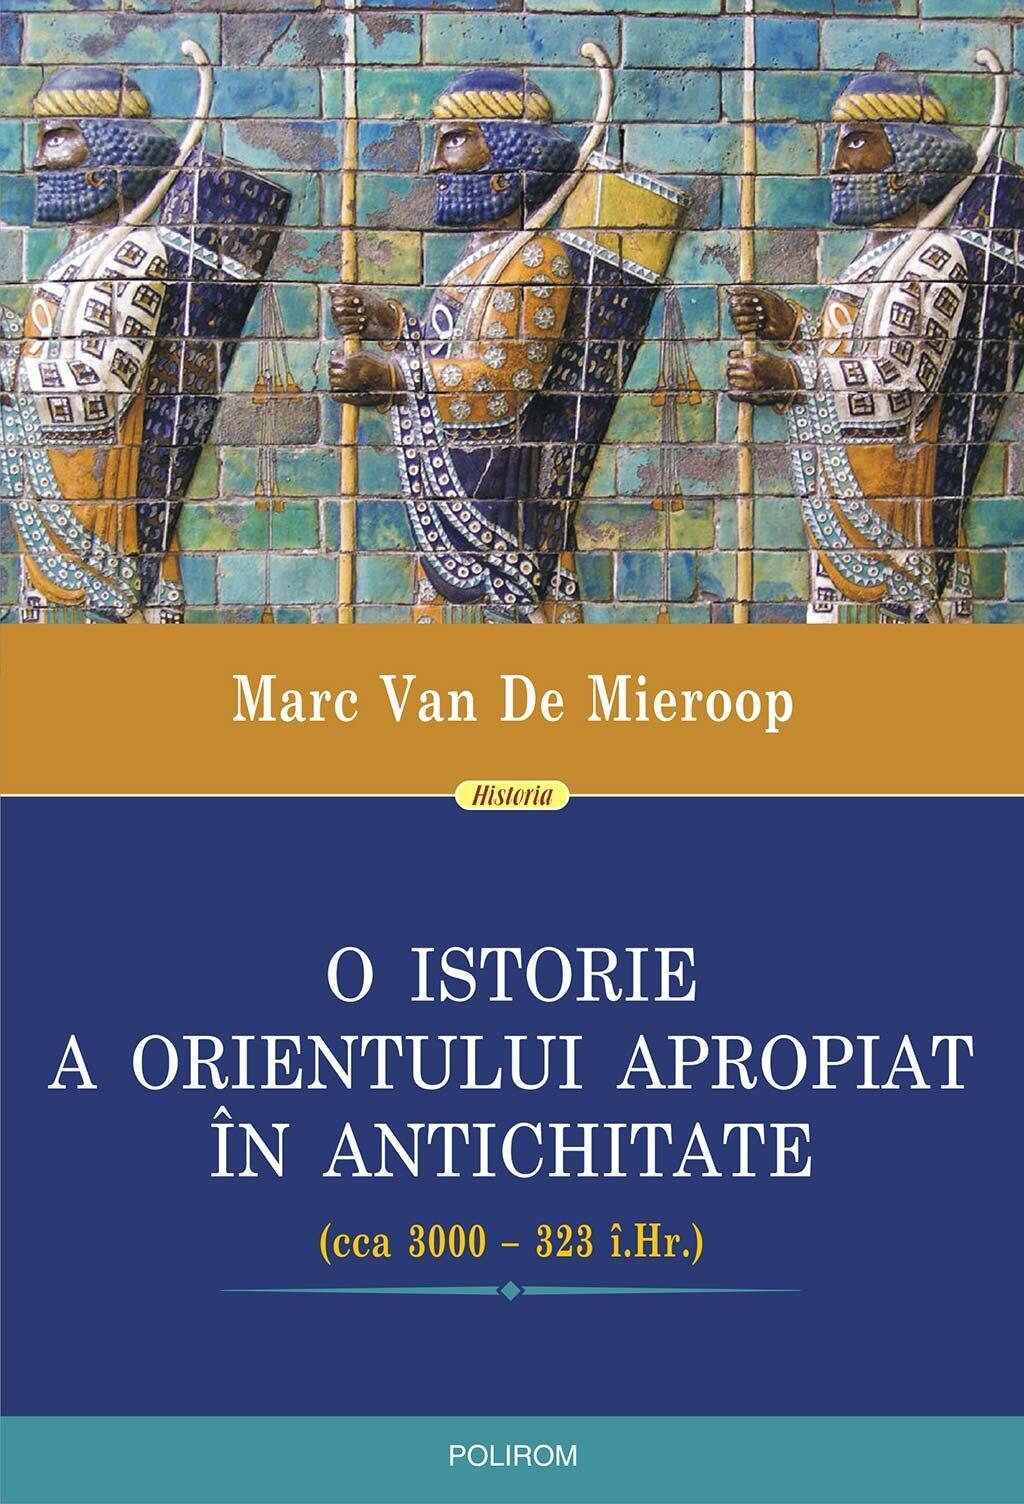 O istorie a Orientului Apropiat in Antichitate (cca 3000 - 323 i.Hr.) (eBook)